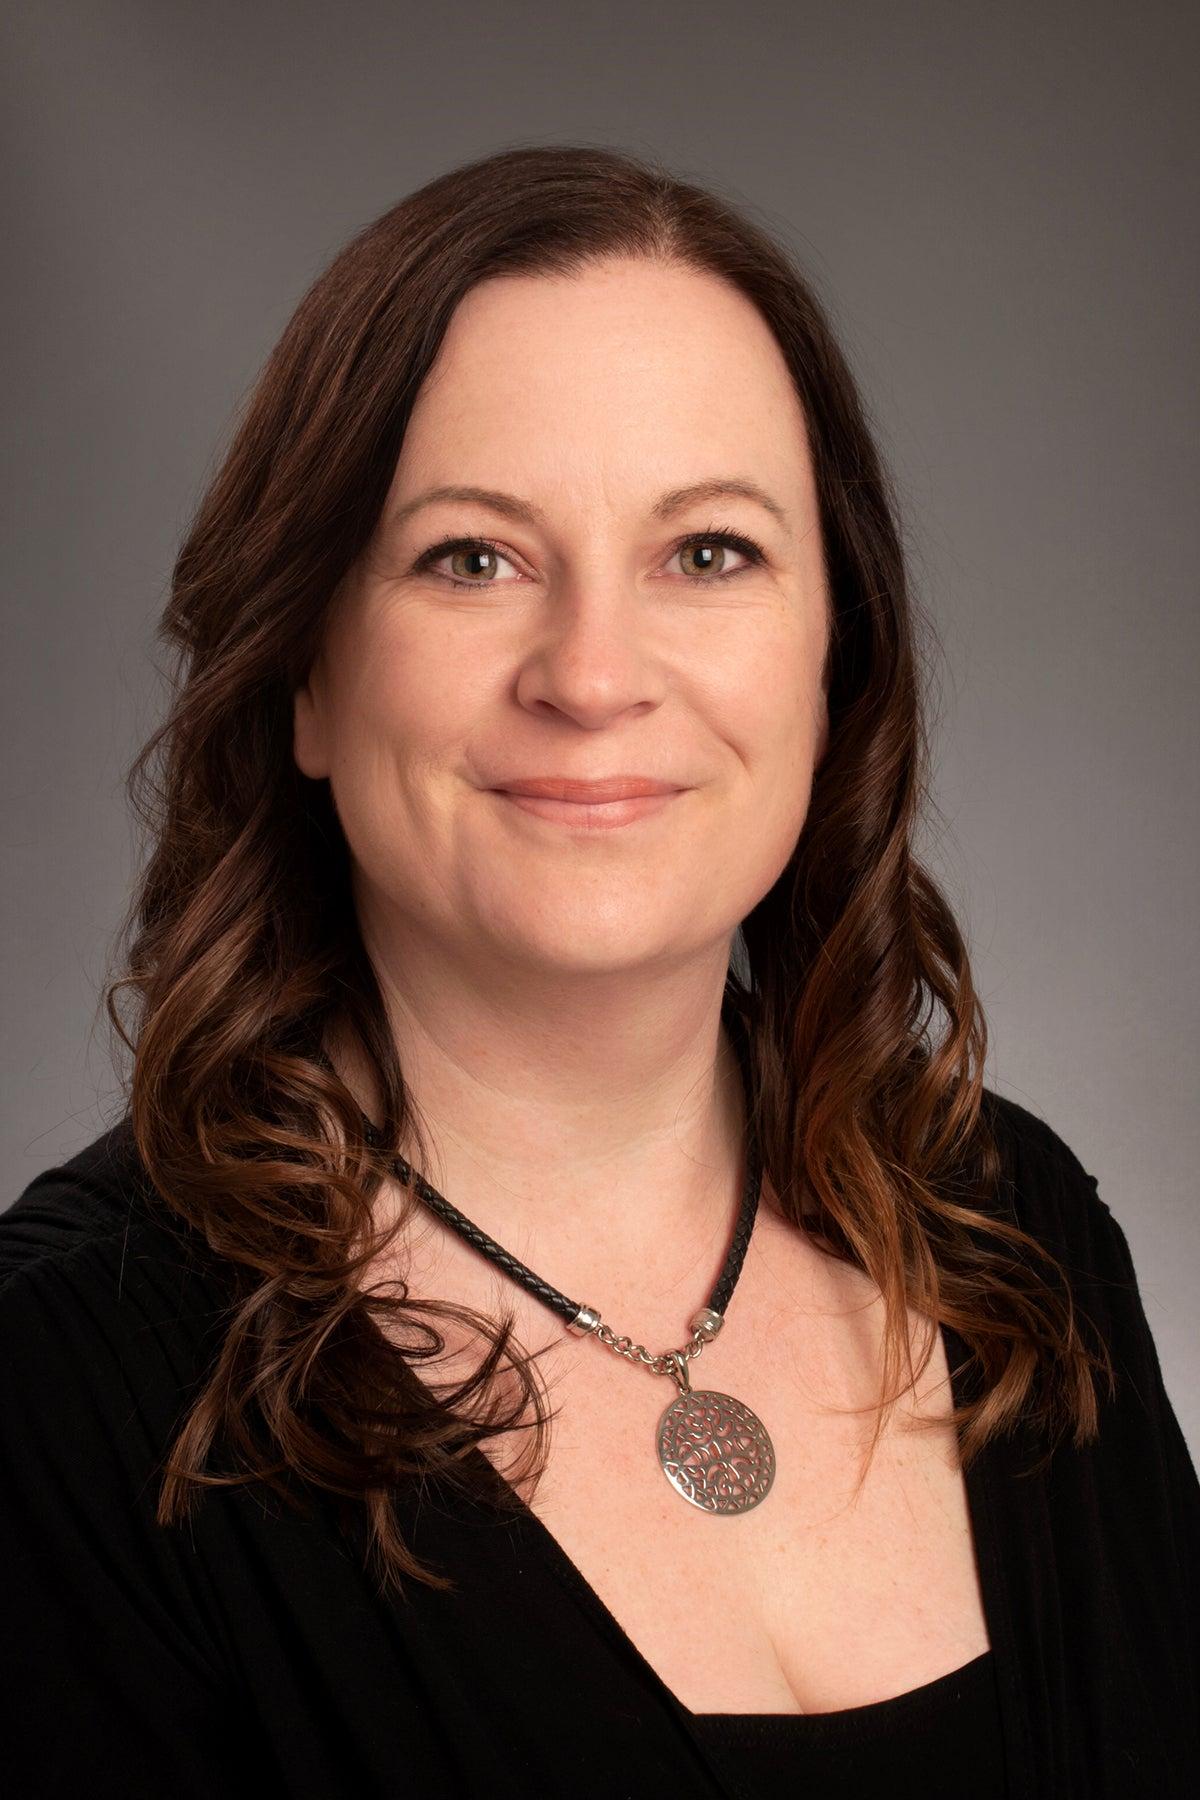 Alison Radcliffe portrait